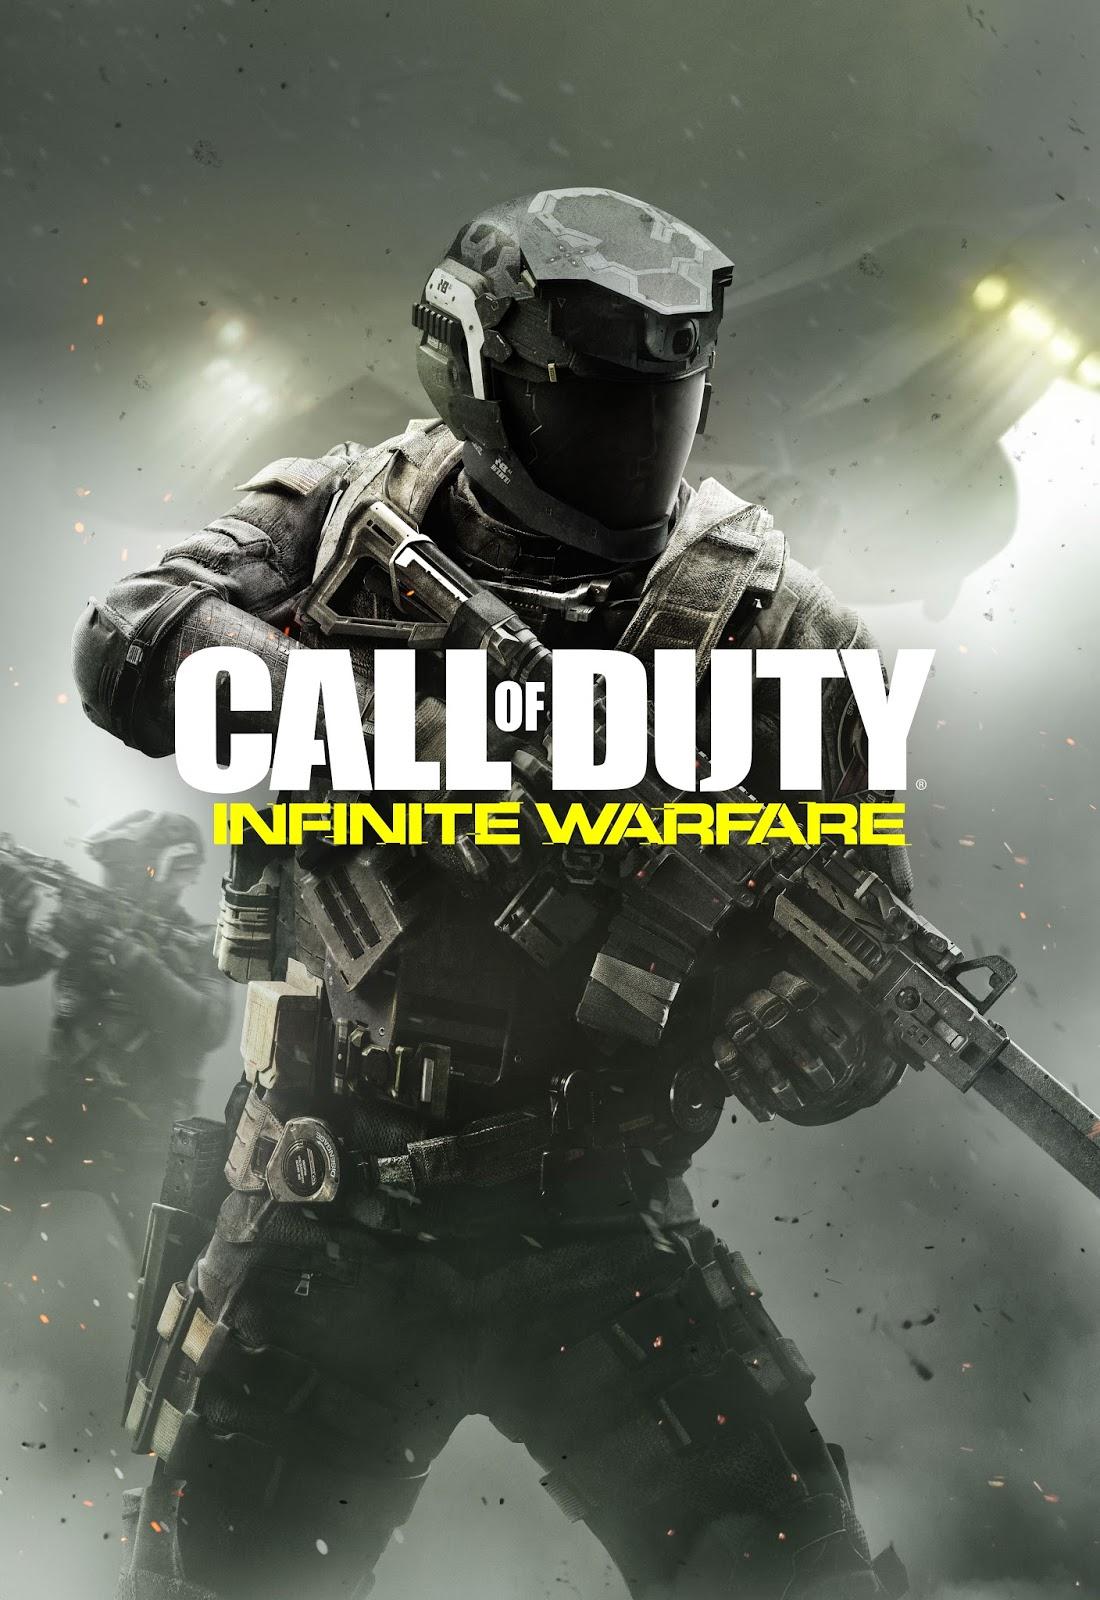 Call of duty infinite warfare imagens e gameplay demo 39 ship assault 39 da campanha e3 2016 - Infinite warfare ship assault ...